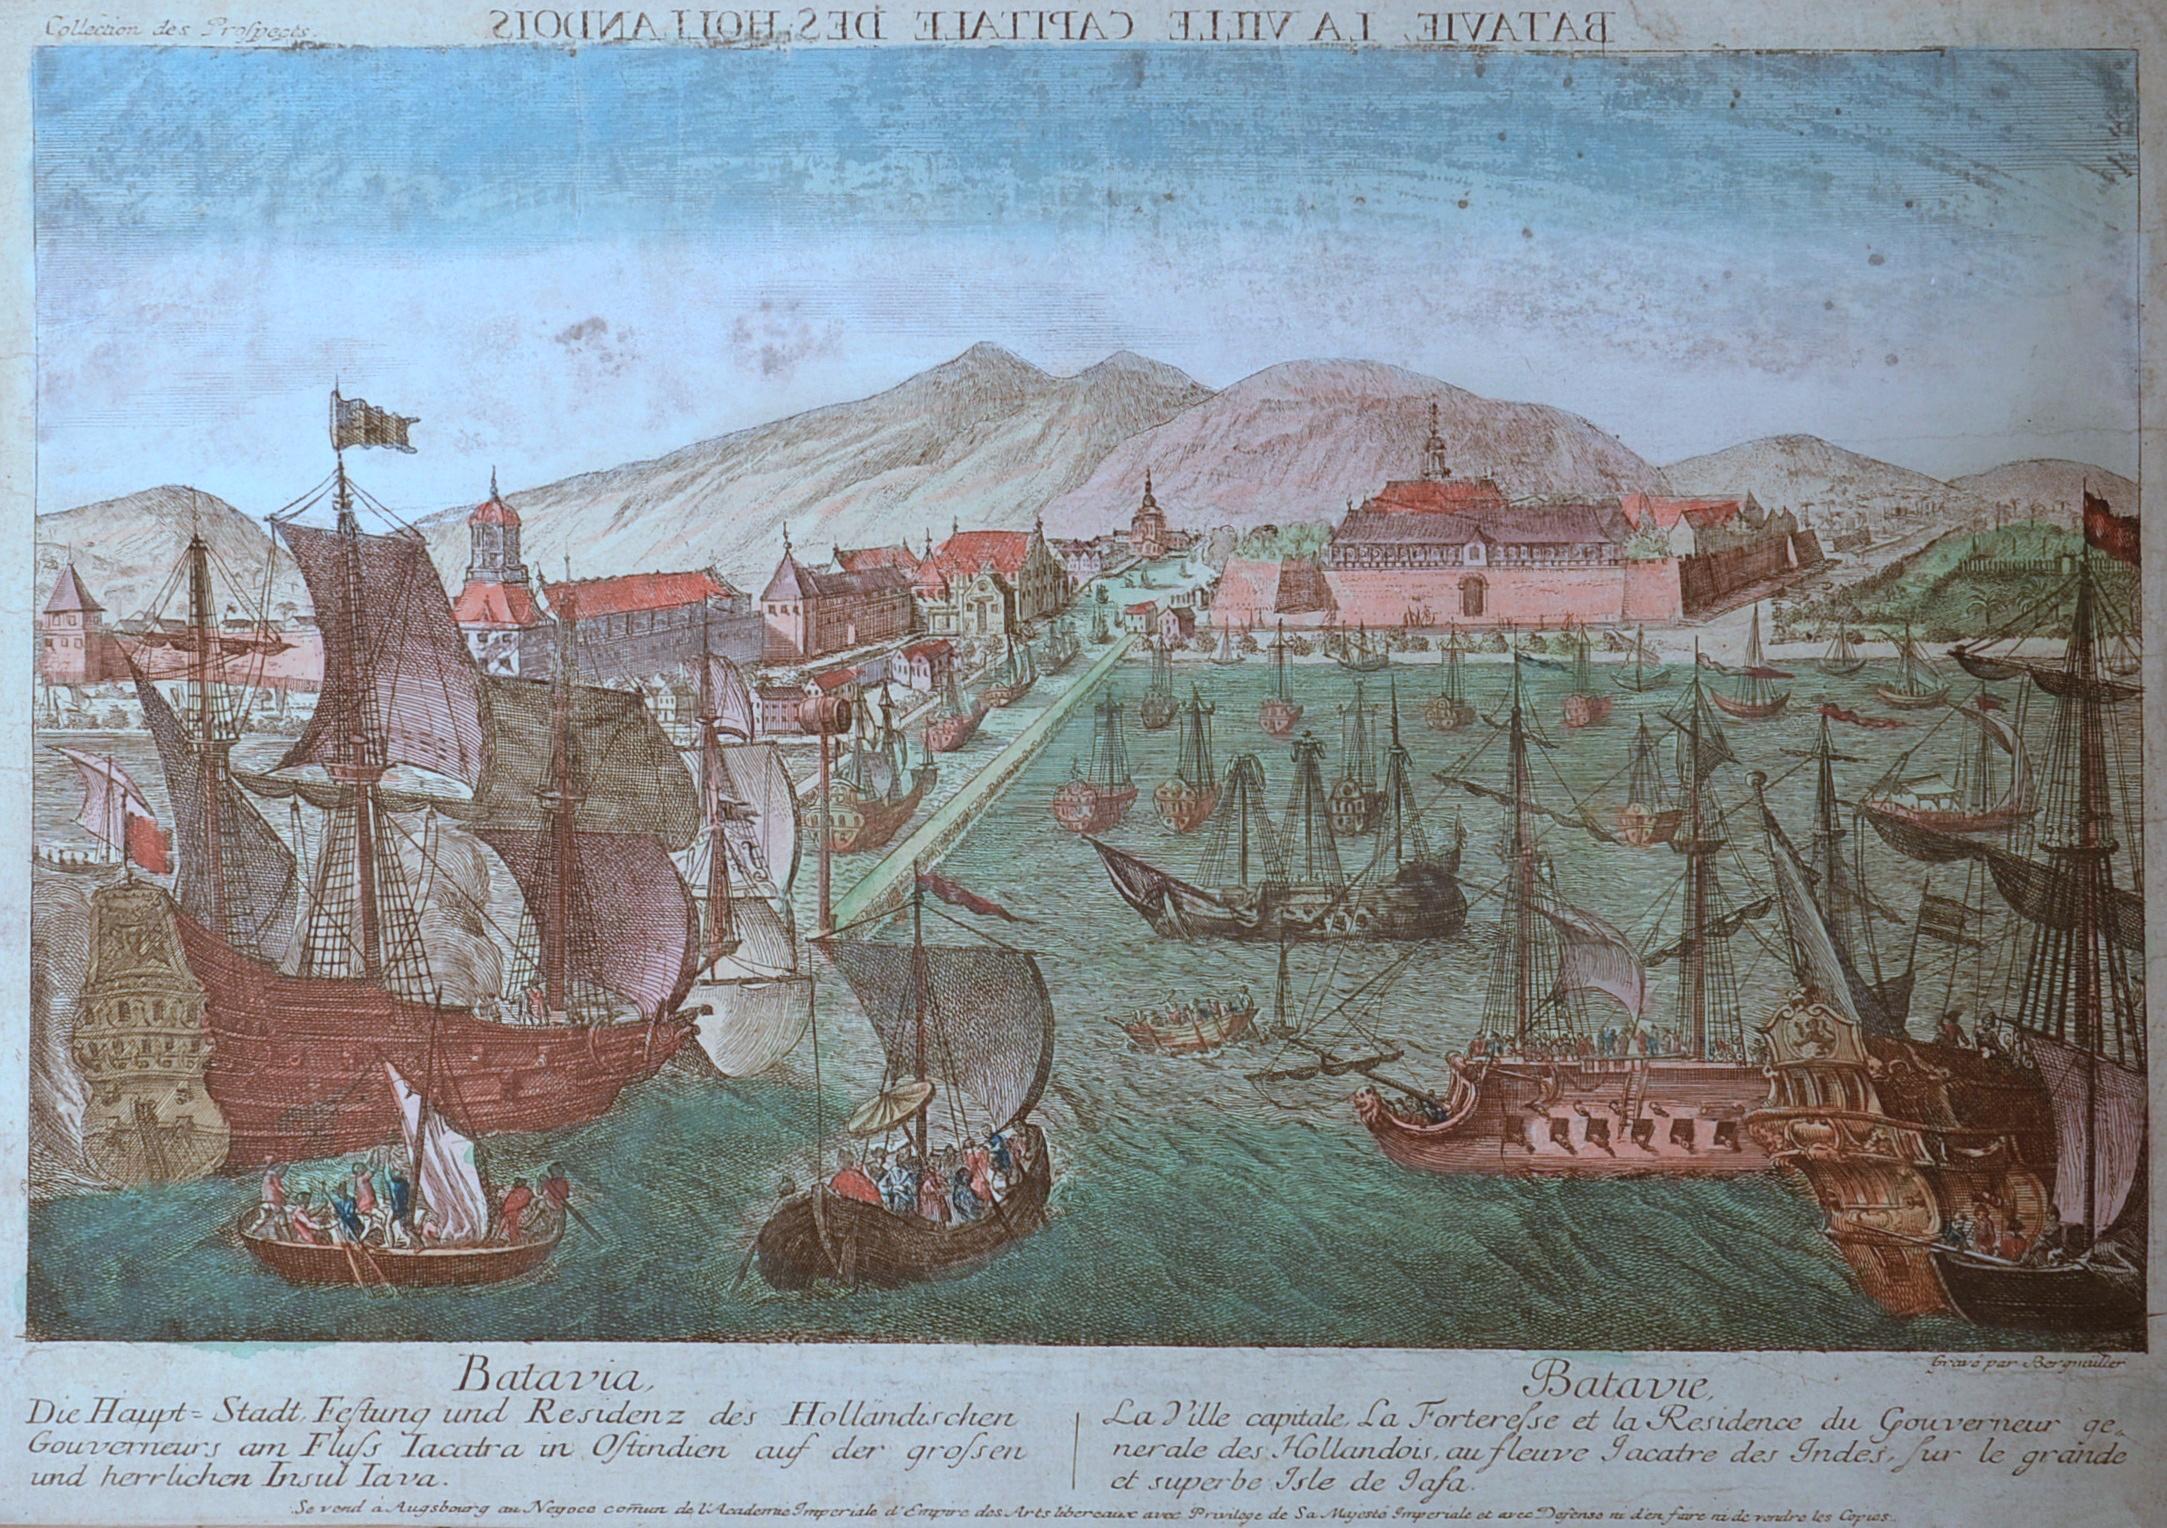 Bergmüller  Batavia die Haupt- Stadt, Festung und Residenz des Holländischen Gouverneurs am Fluss Jacatra in Ostindien auf der grossen und herrlichen Insul Java..